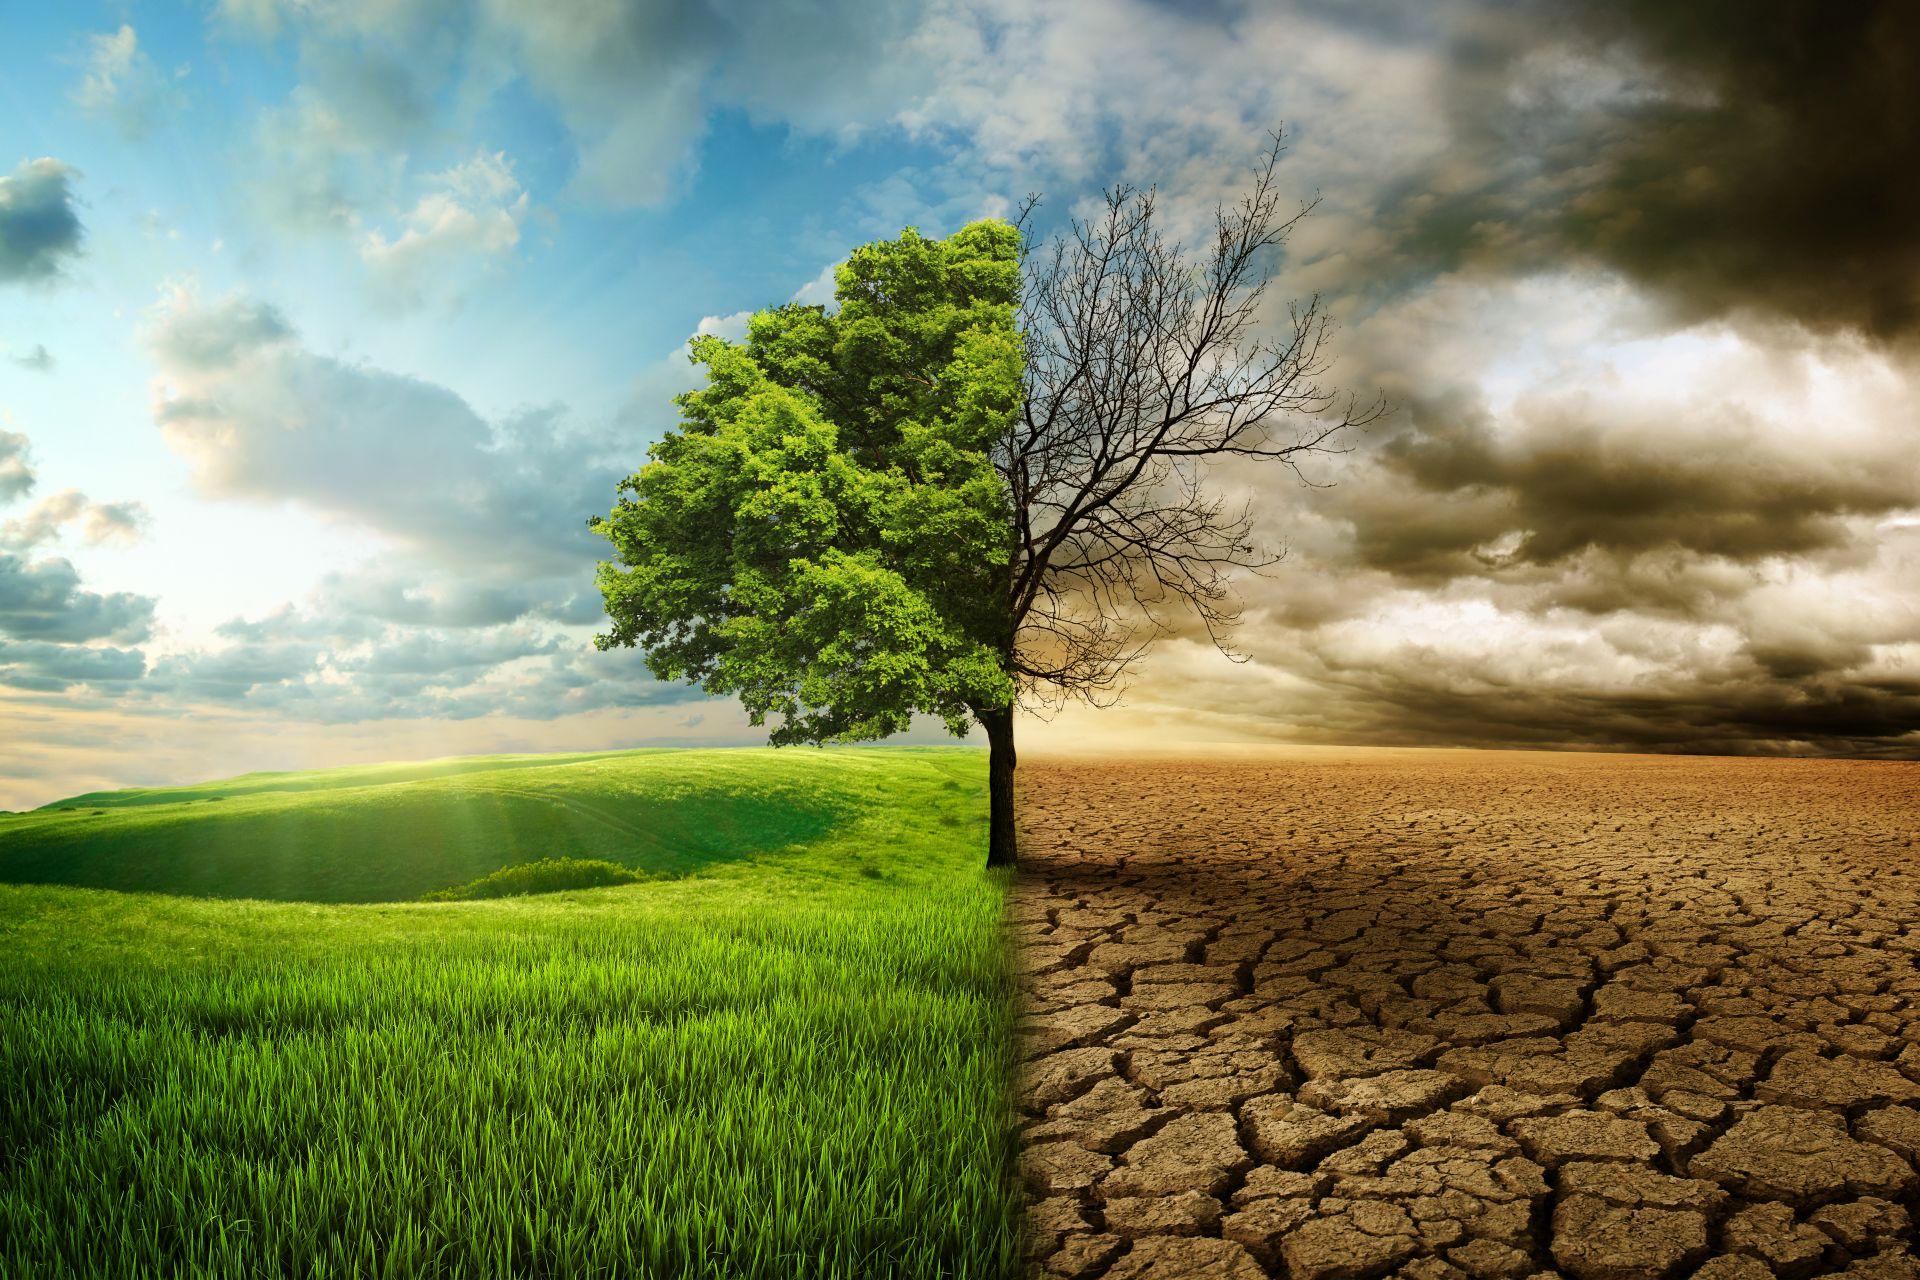 symboliczne zdjęcie przedstawiajace zmiany klimatu: po rawej wysuszona ziemia i uschnięte drzewo, a o lewej zielona trawa i zielone drzewo